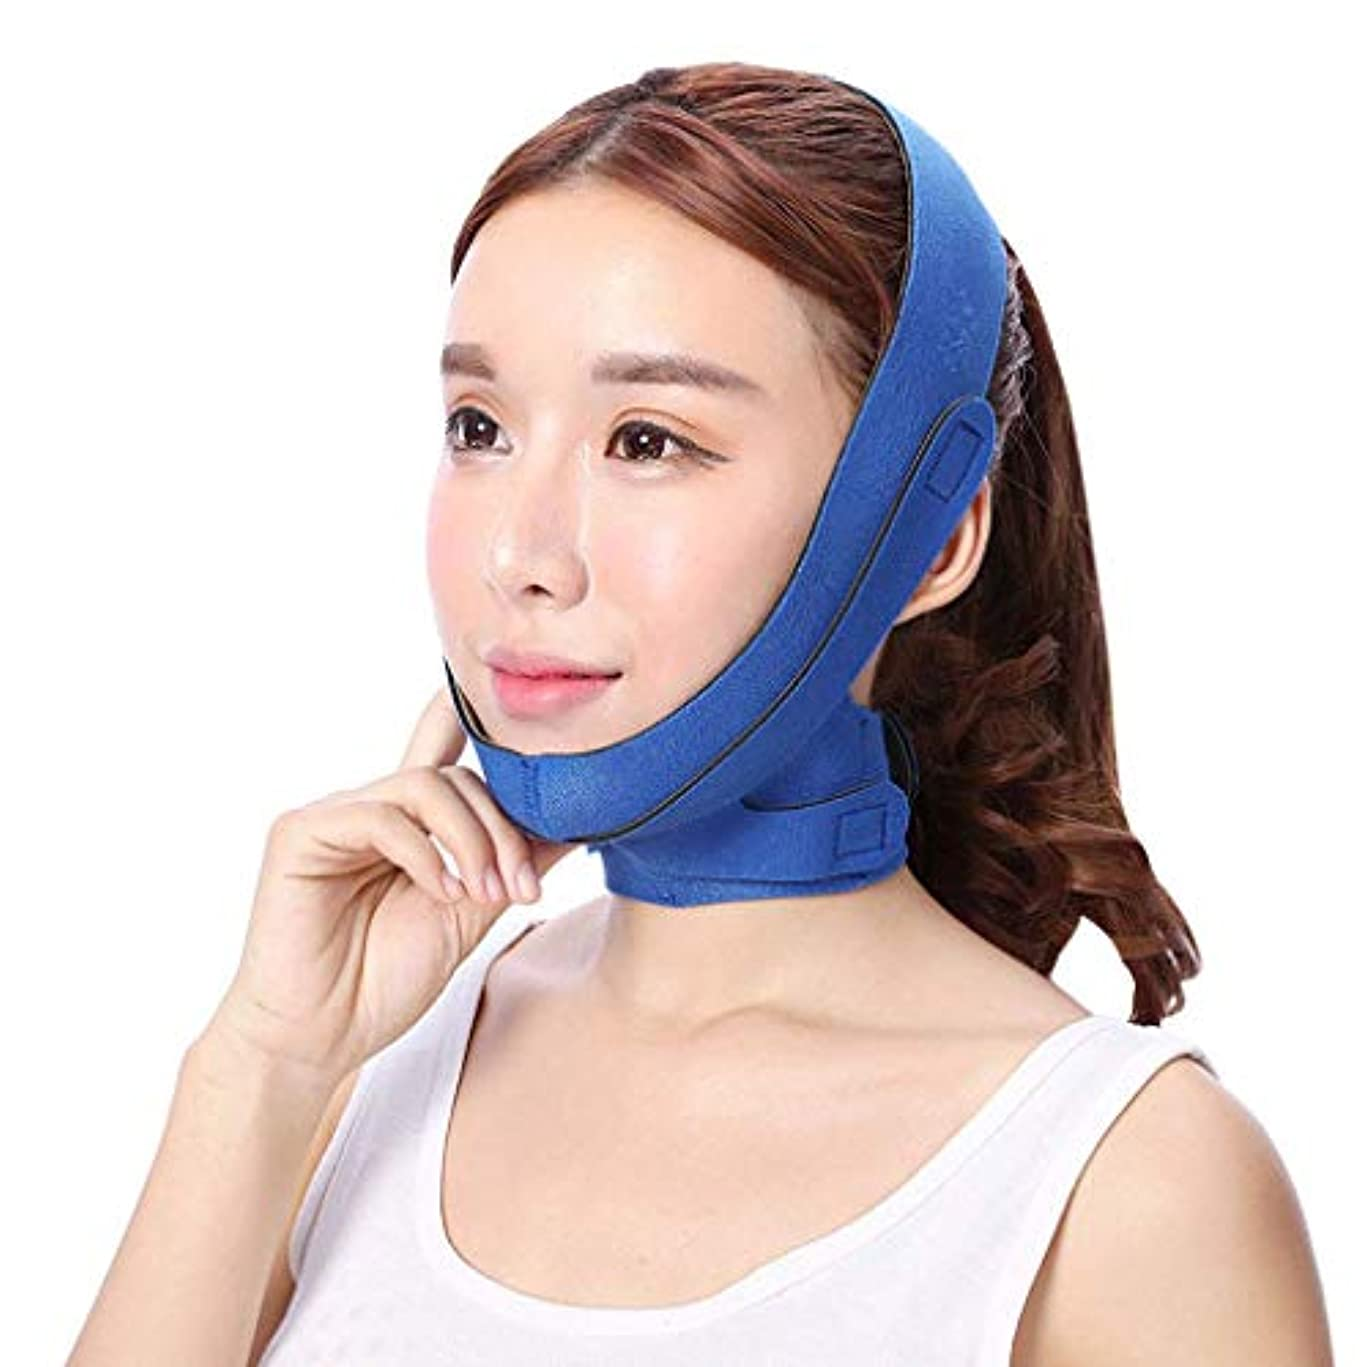 思慮のない賛辞売るHUYYA 女性の顔を持ち上げるベルト、Vライン頬 しわ防止包帯 二重あごの減量顔,Blue_XL